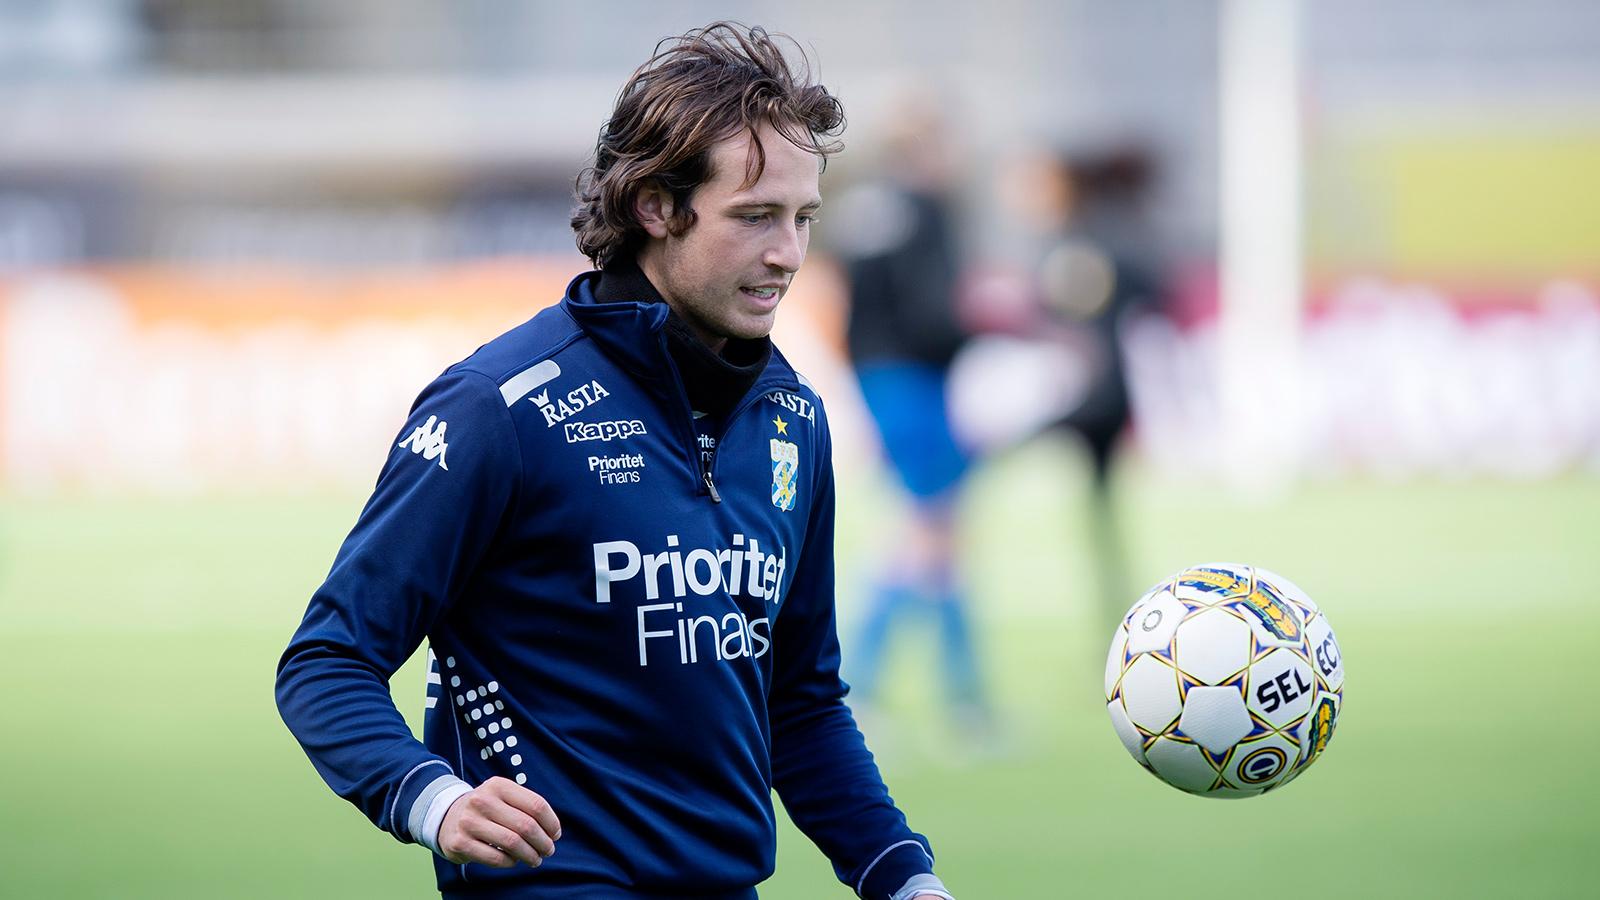 170422 Mikkel Diskerud under en träning med IFK Göteborg den 22 april 2017 i Göteborg.